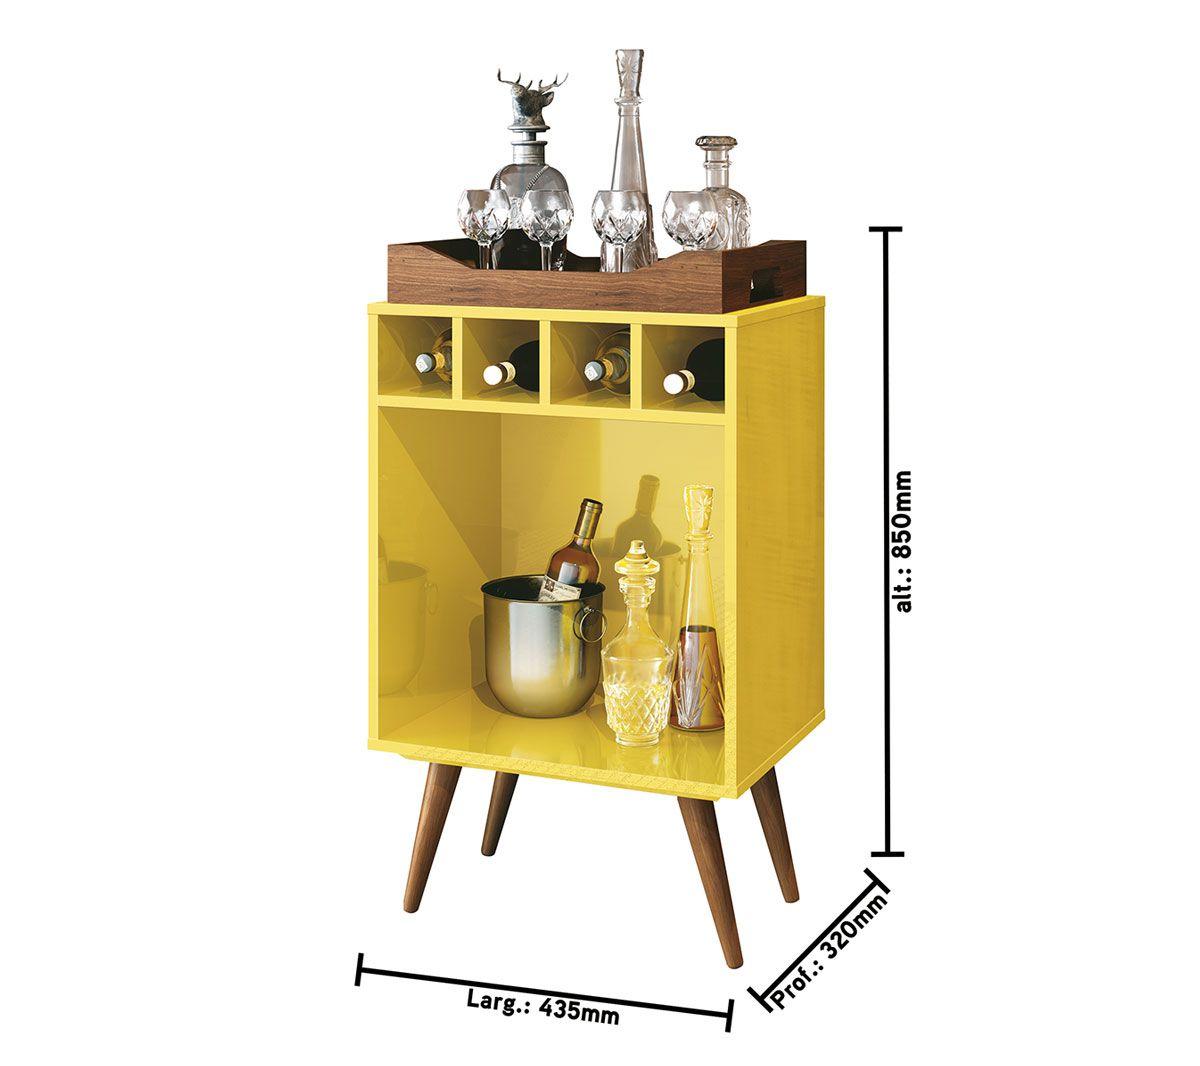 Aparador Barzinho Retrô com Adega Pub Amarelo - EDN Móveis